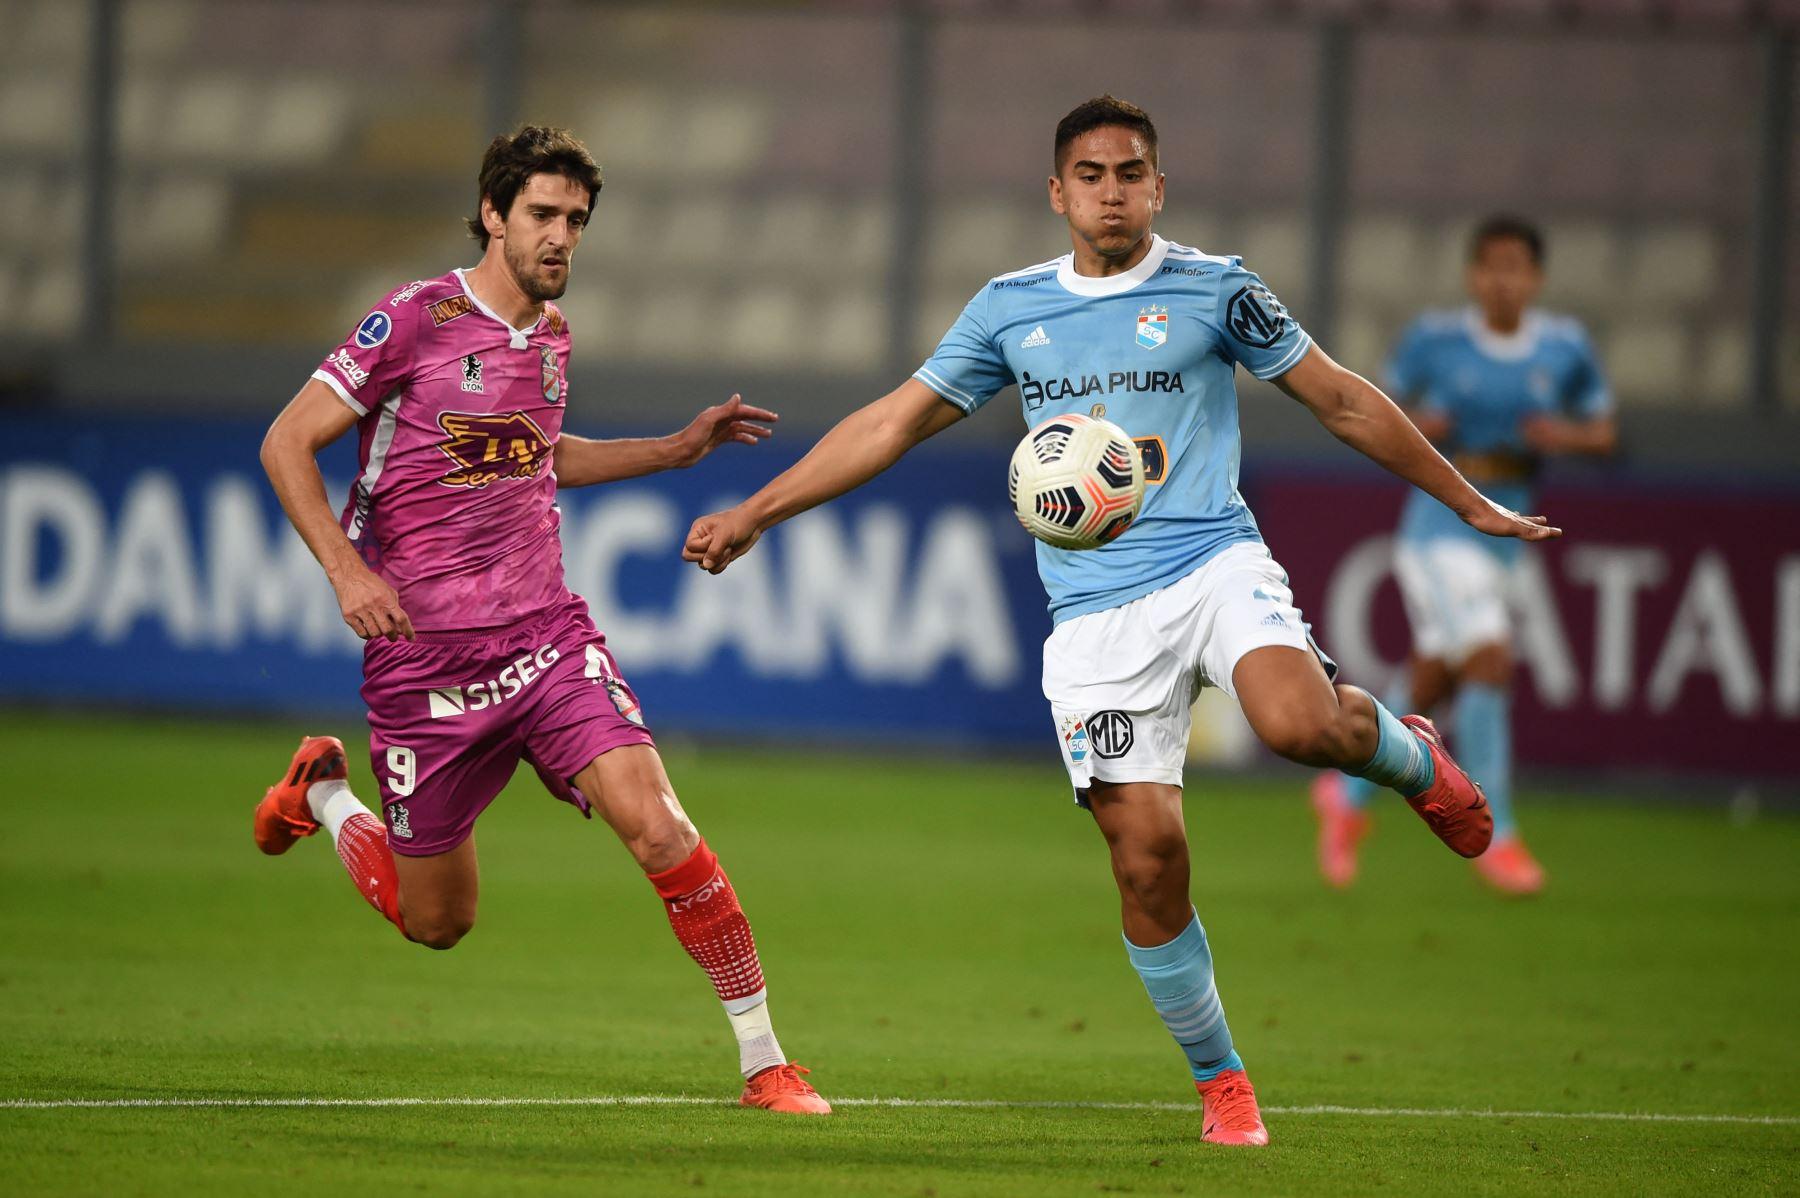 Cristal vence por 2-1 al Arsenal de Argentina por octavos de final de la Sudamericana